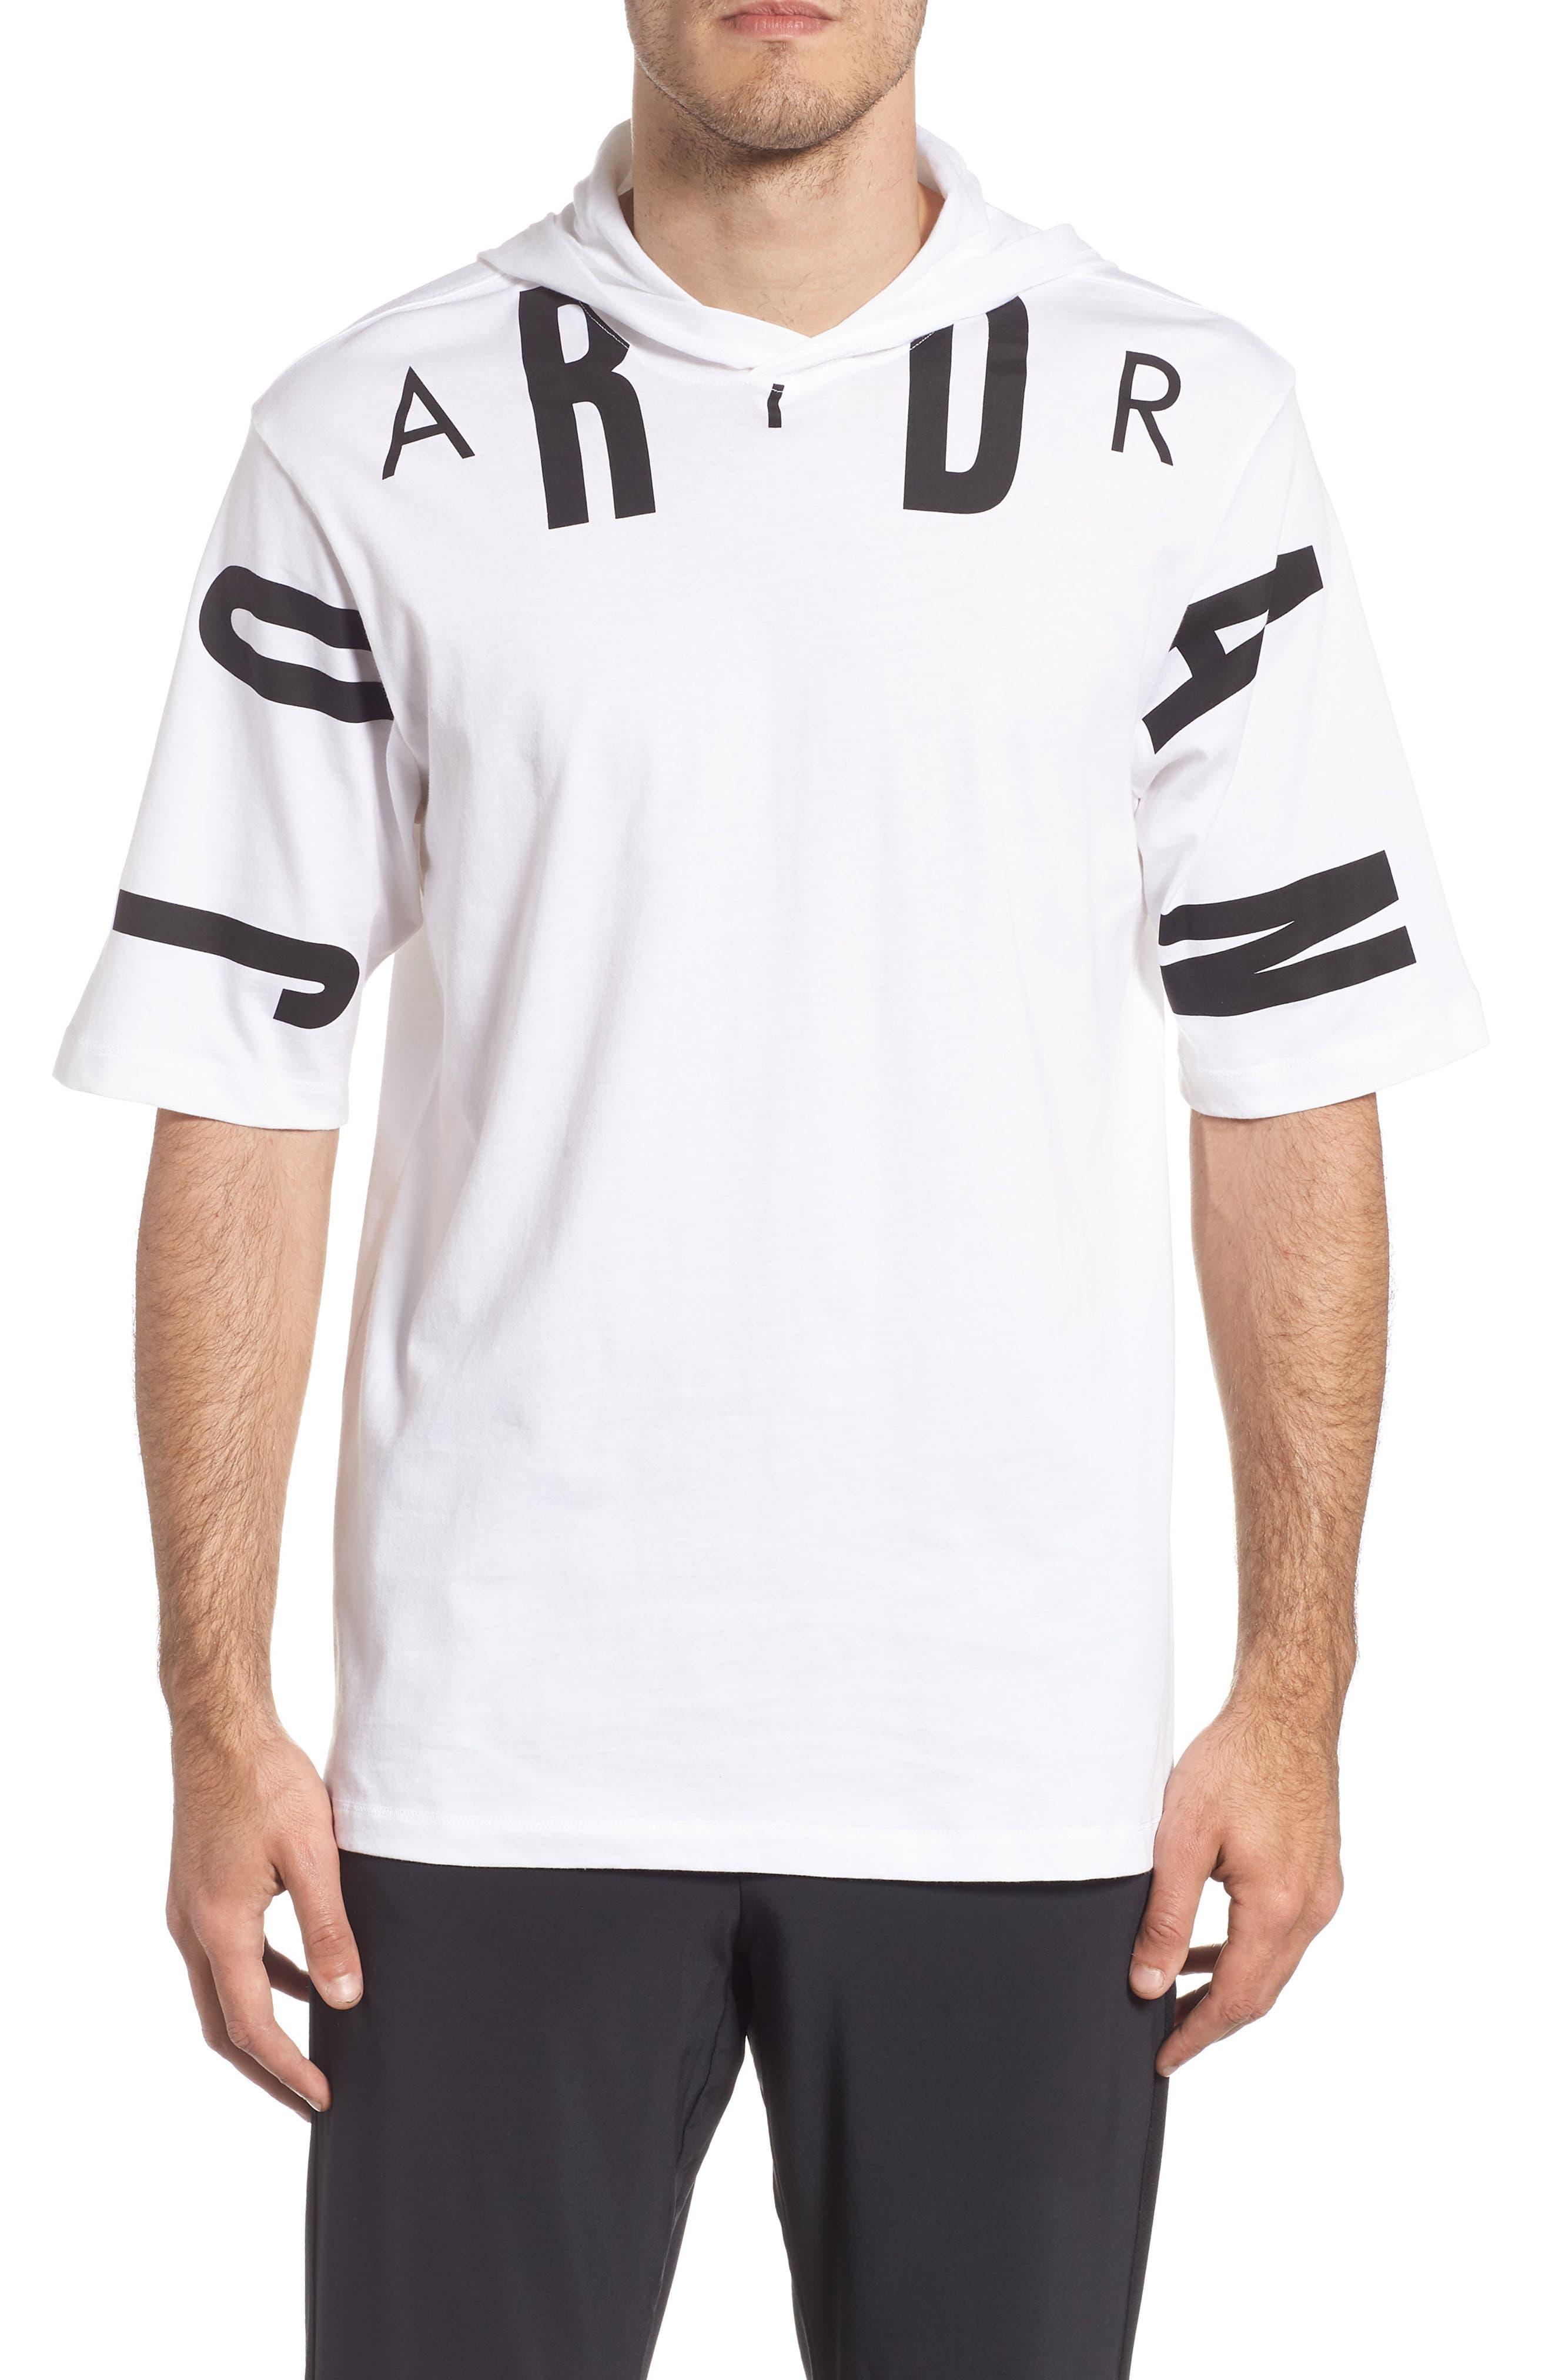 Jordan 23 Hooded T-Shirt, White